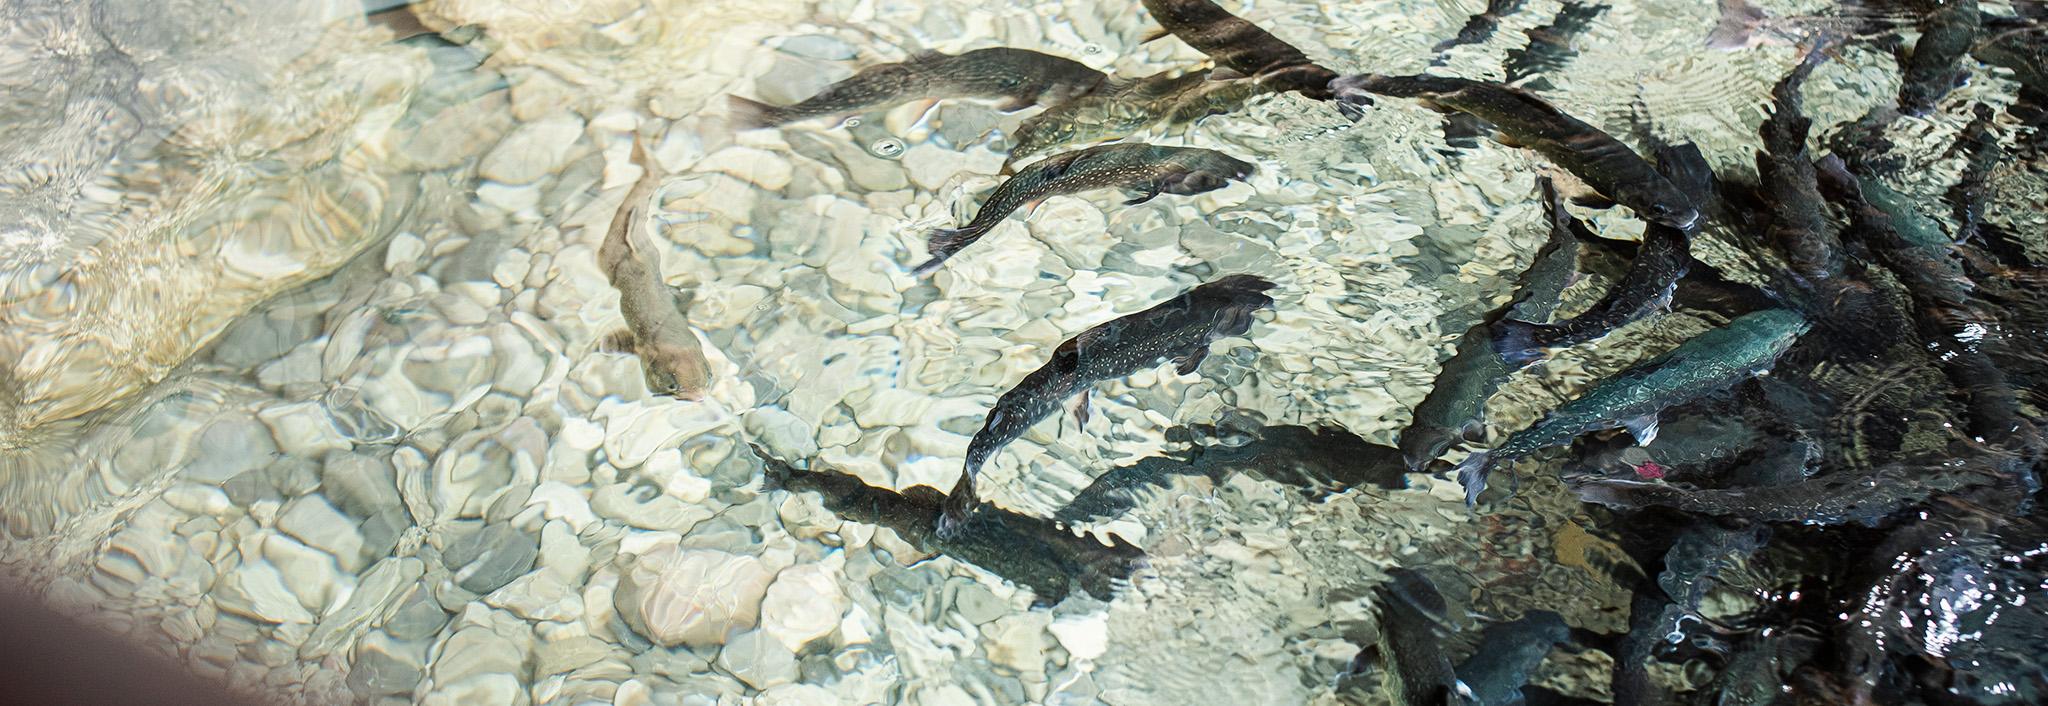 Sandbauer Bio Bachsaibling Bio Fischzucht